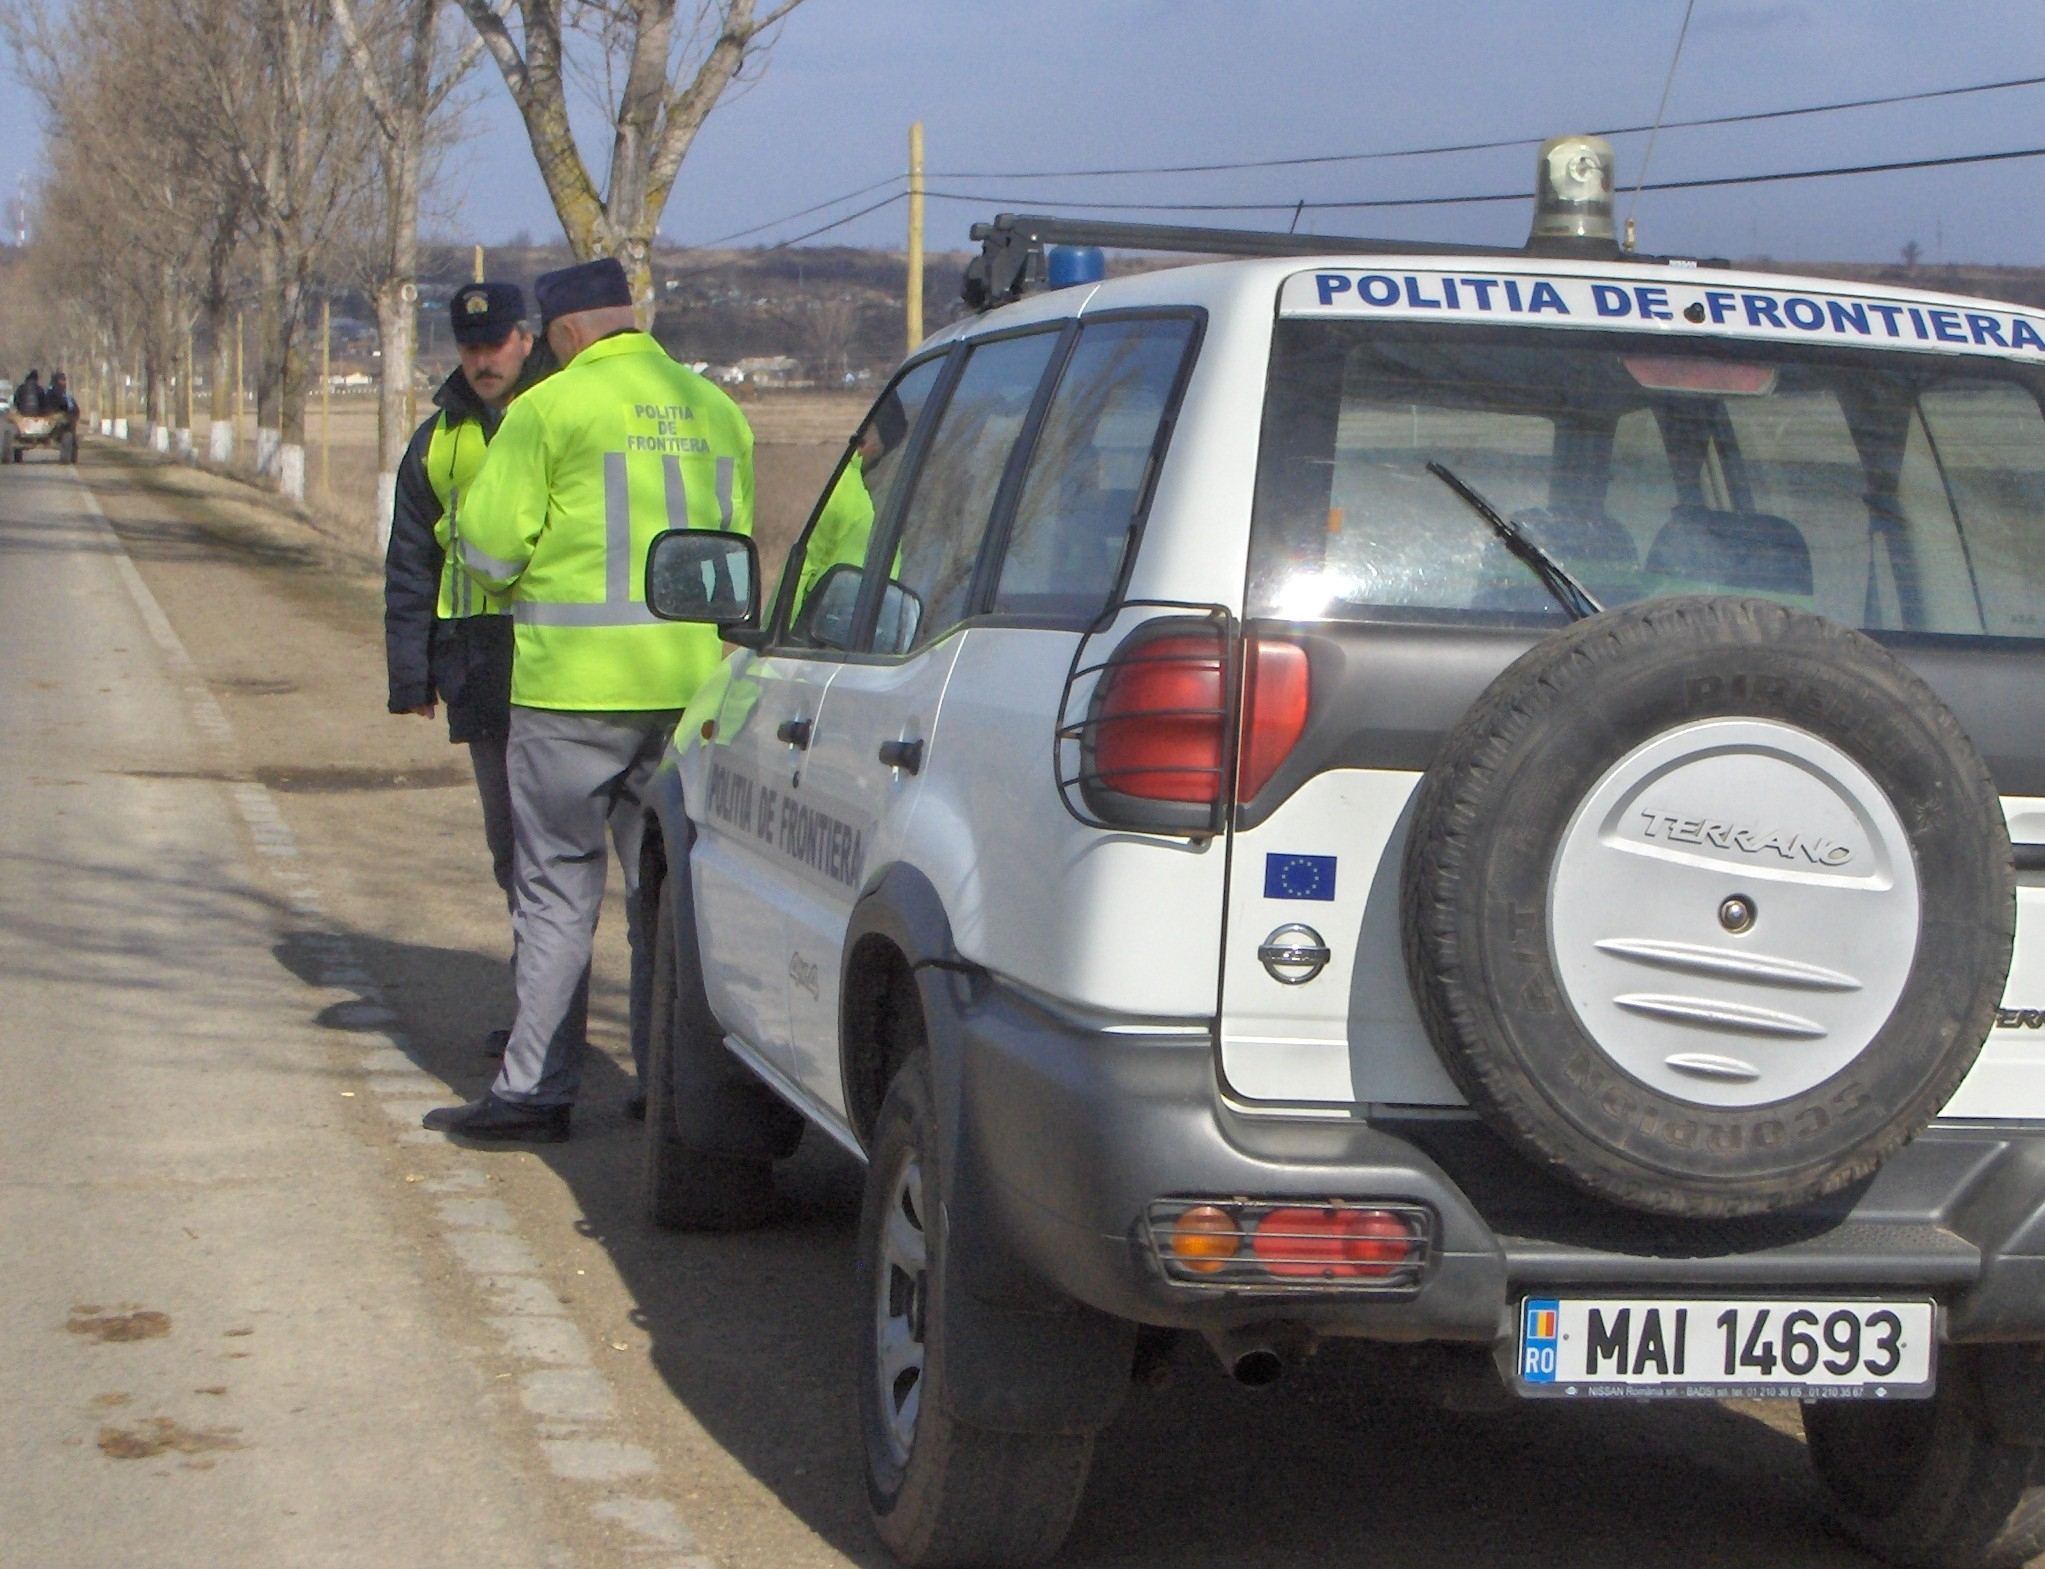 FOTO: radiovacanta.ro